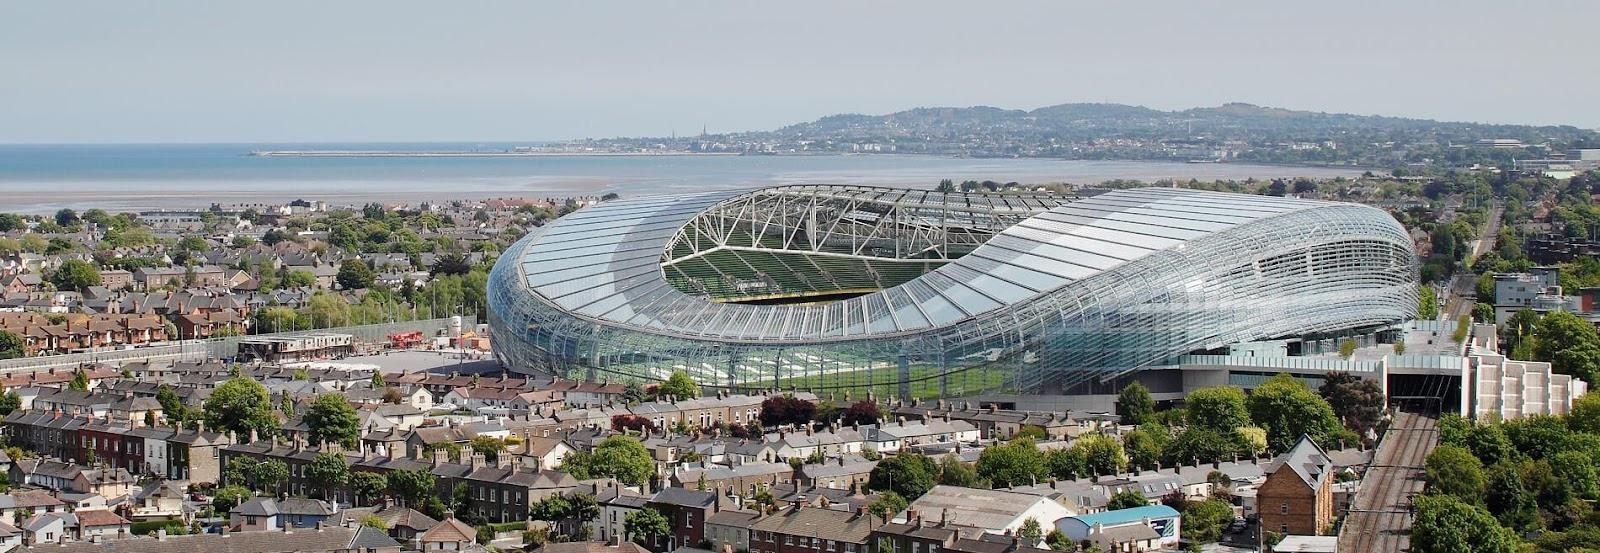 Mẫu thiết kế sân vận động lượn sóng